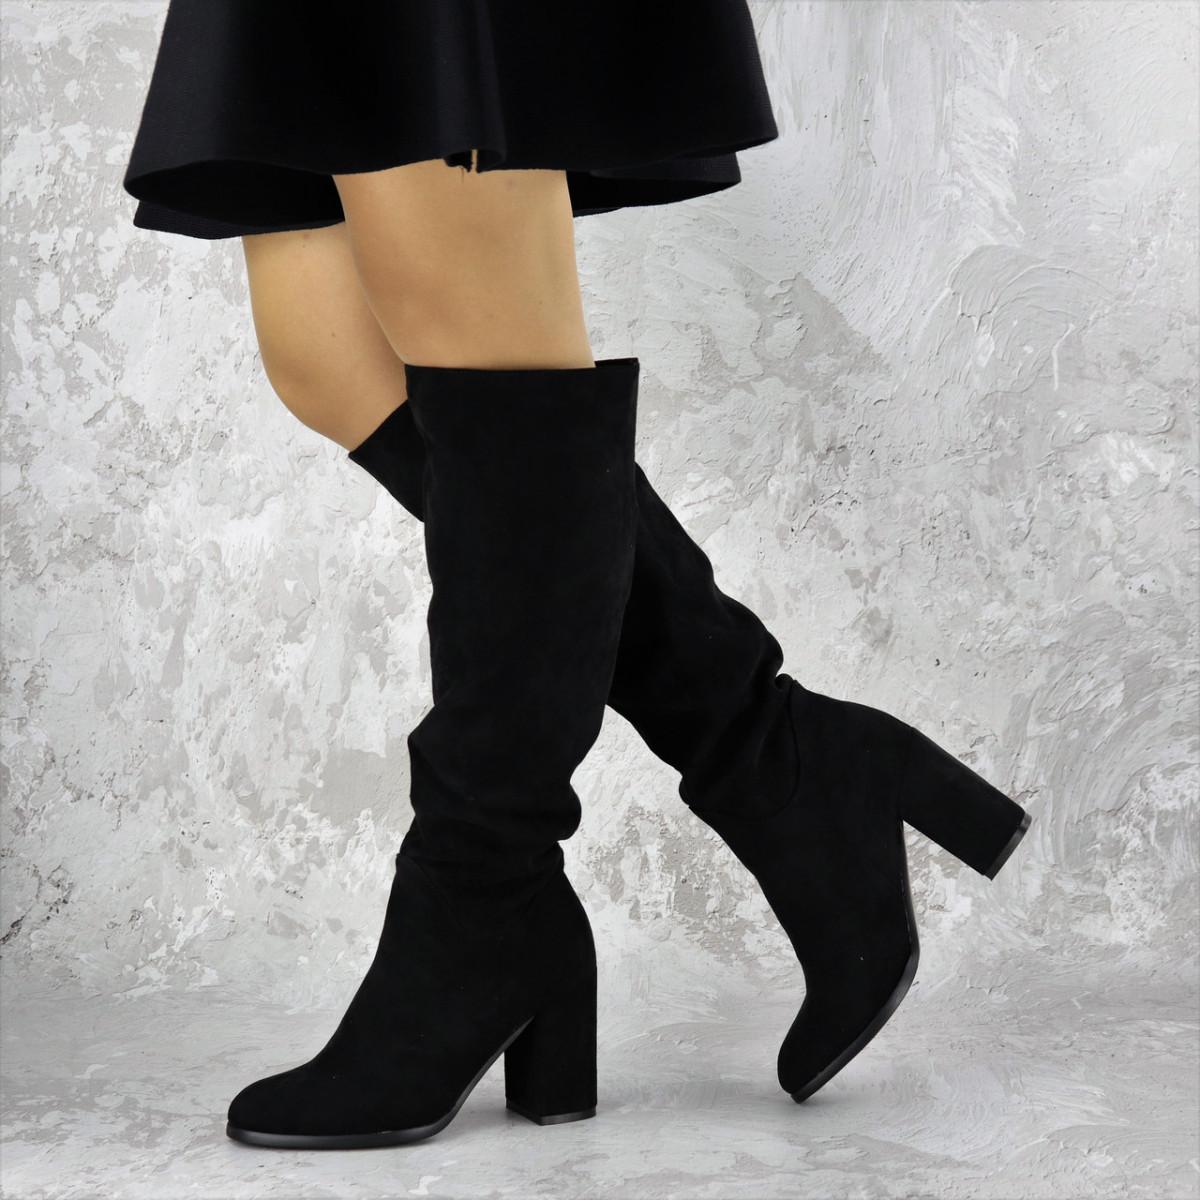 Женские сапоги на каблуке Gizmo 1426 (40 размер)